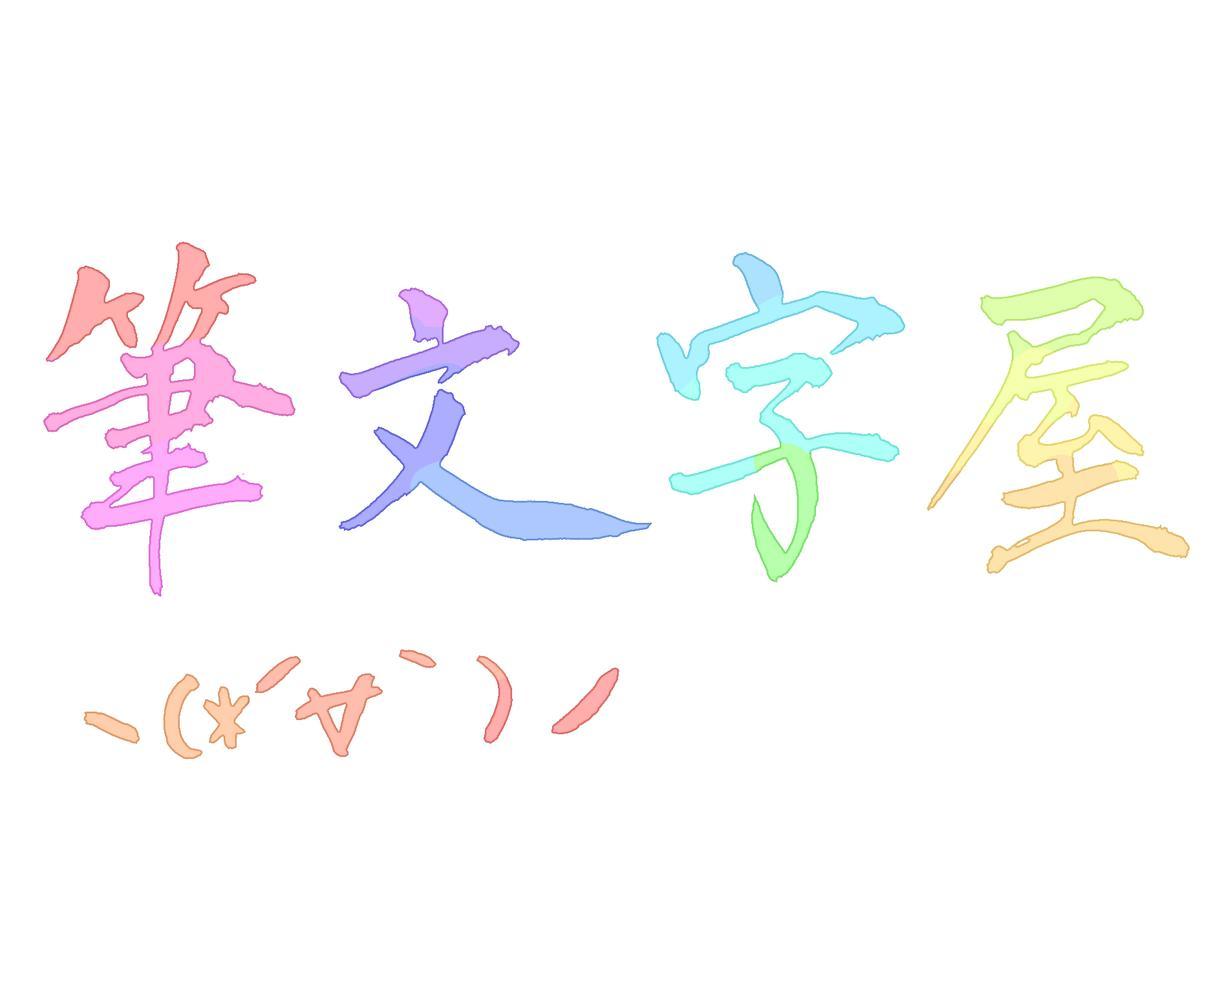 カラフルな筆文字書きます 代筆してほしい文字がある。同人やイラストなどの絵の素材など!